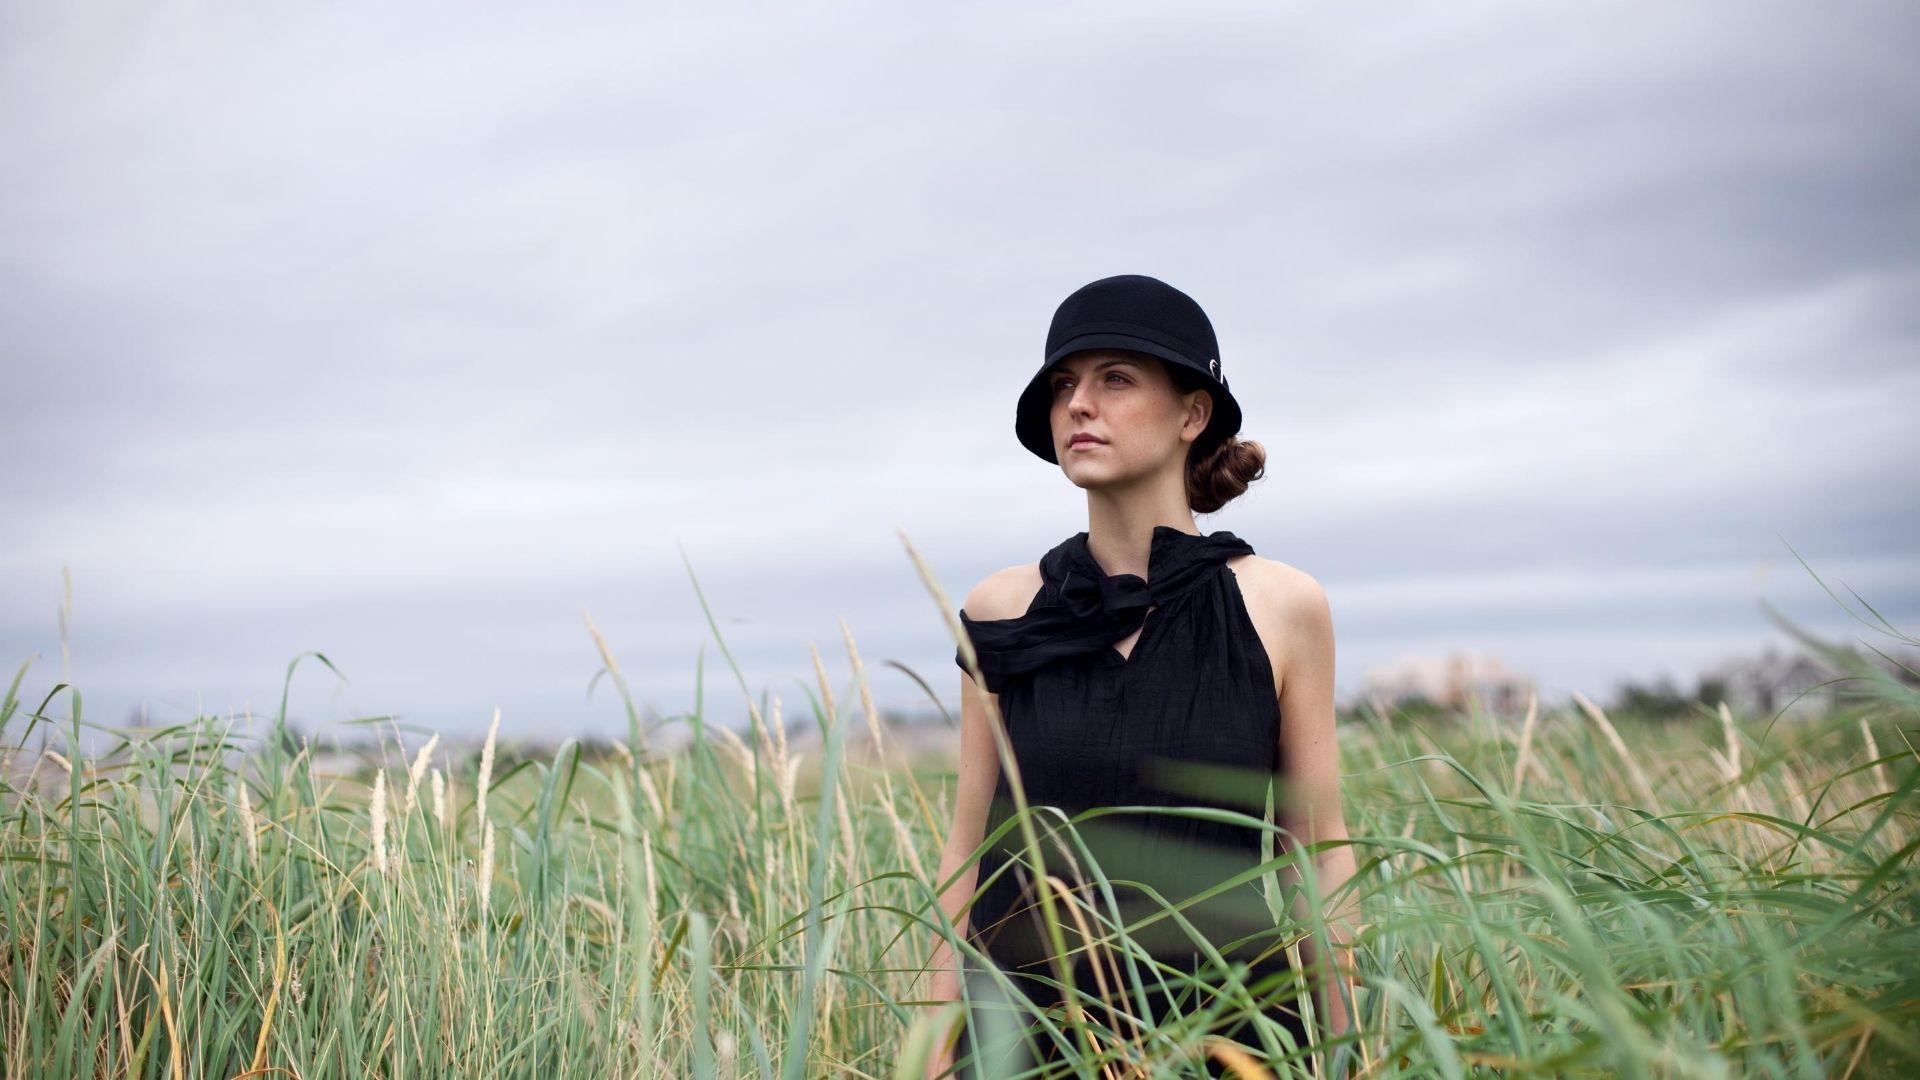 Woman in a black dress wearing a black cloche hat in an open field of grass.